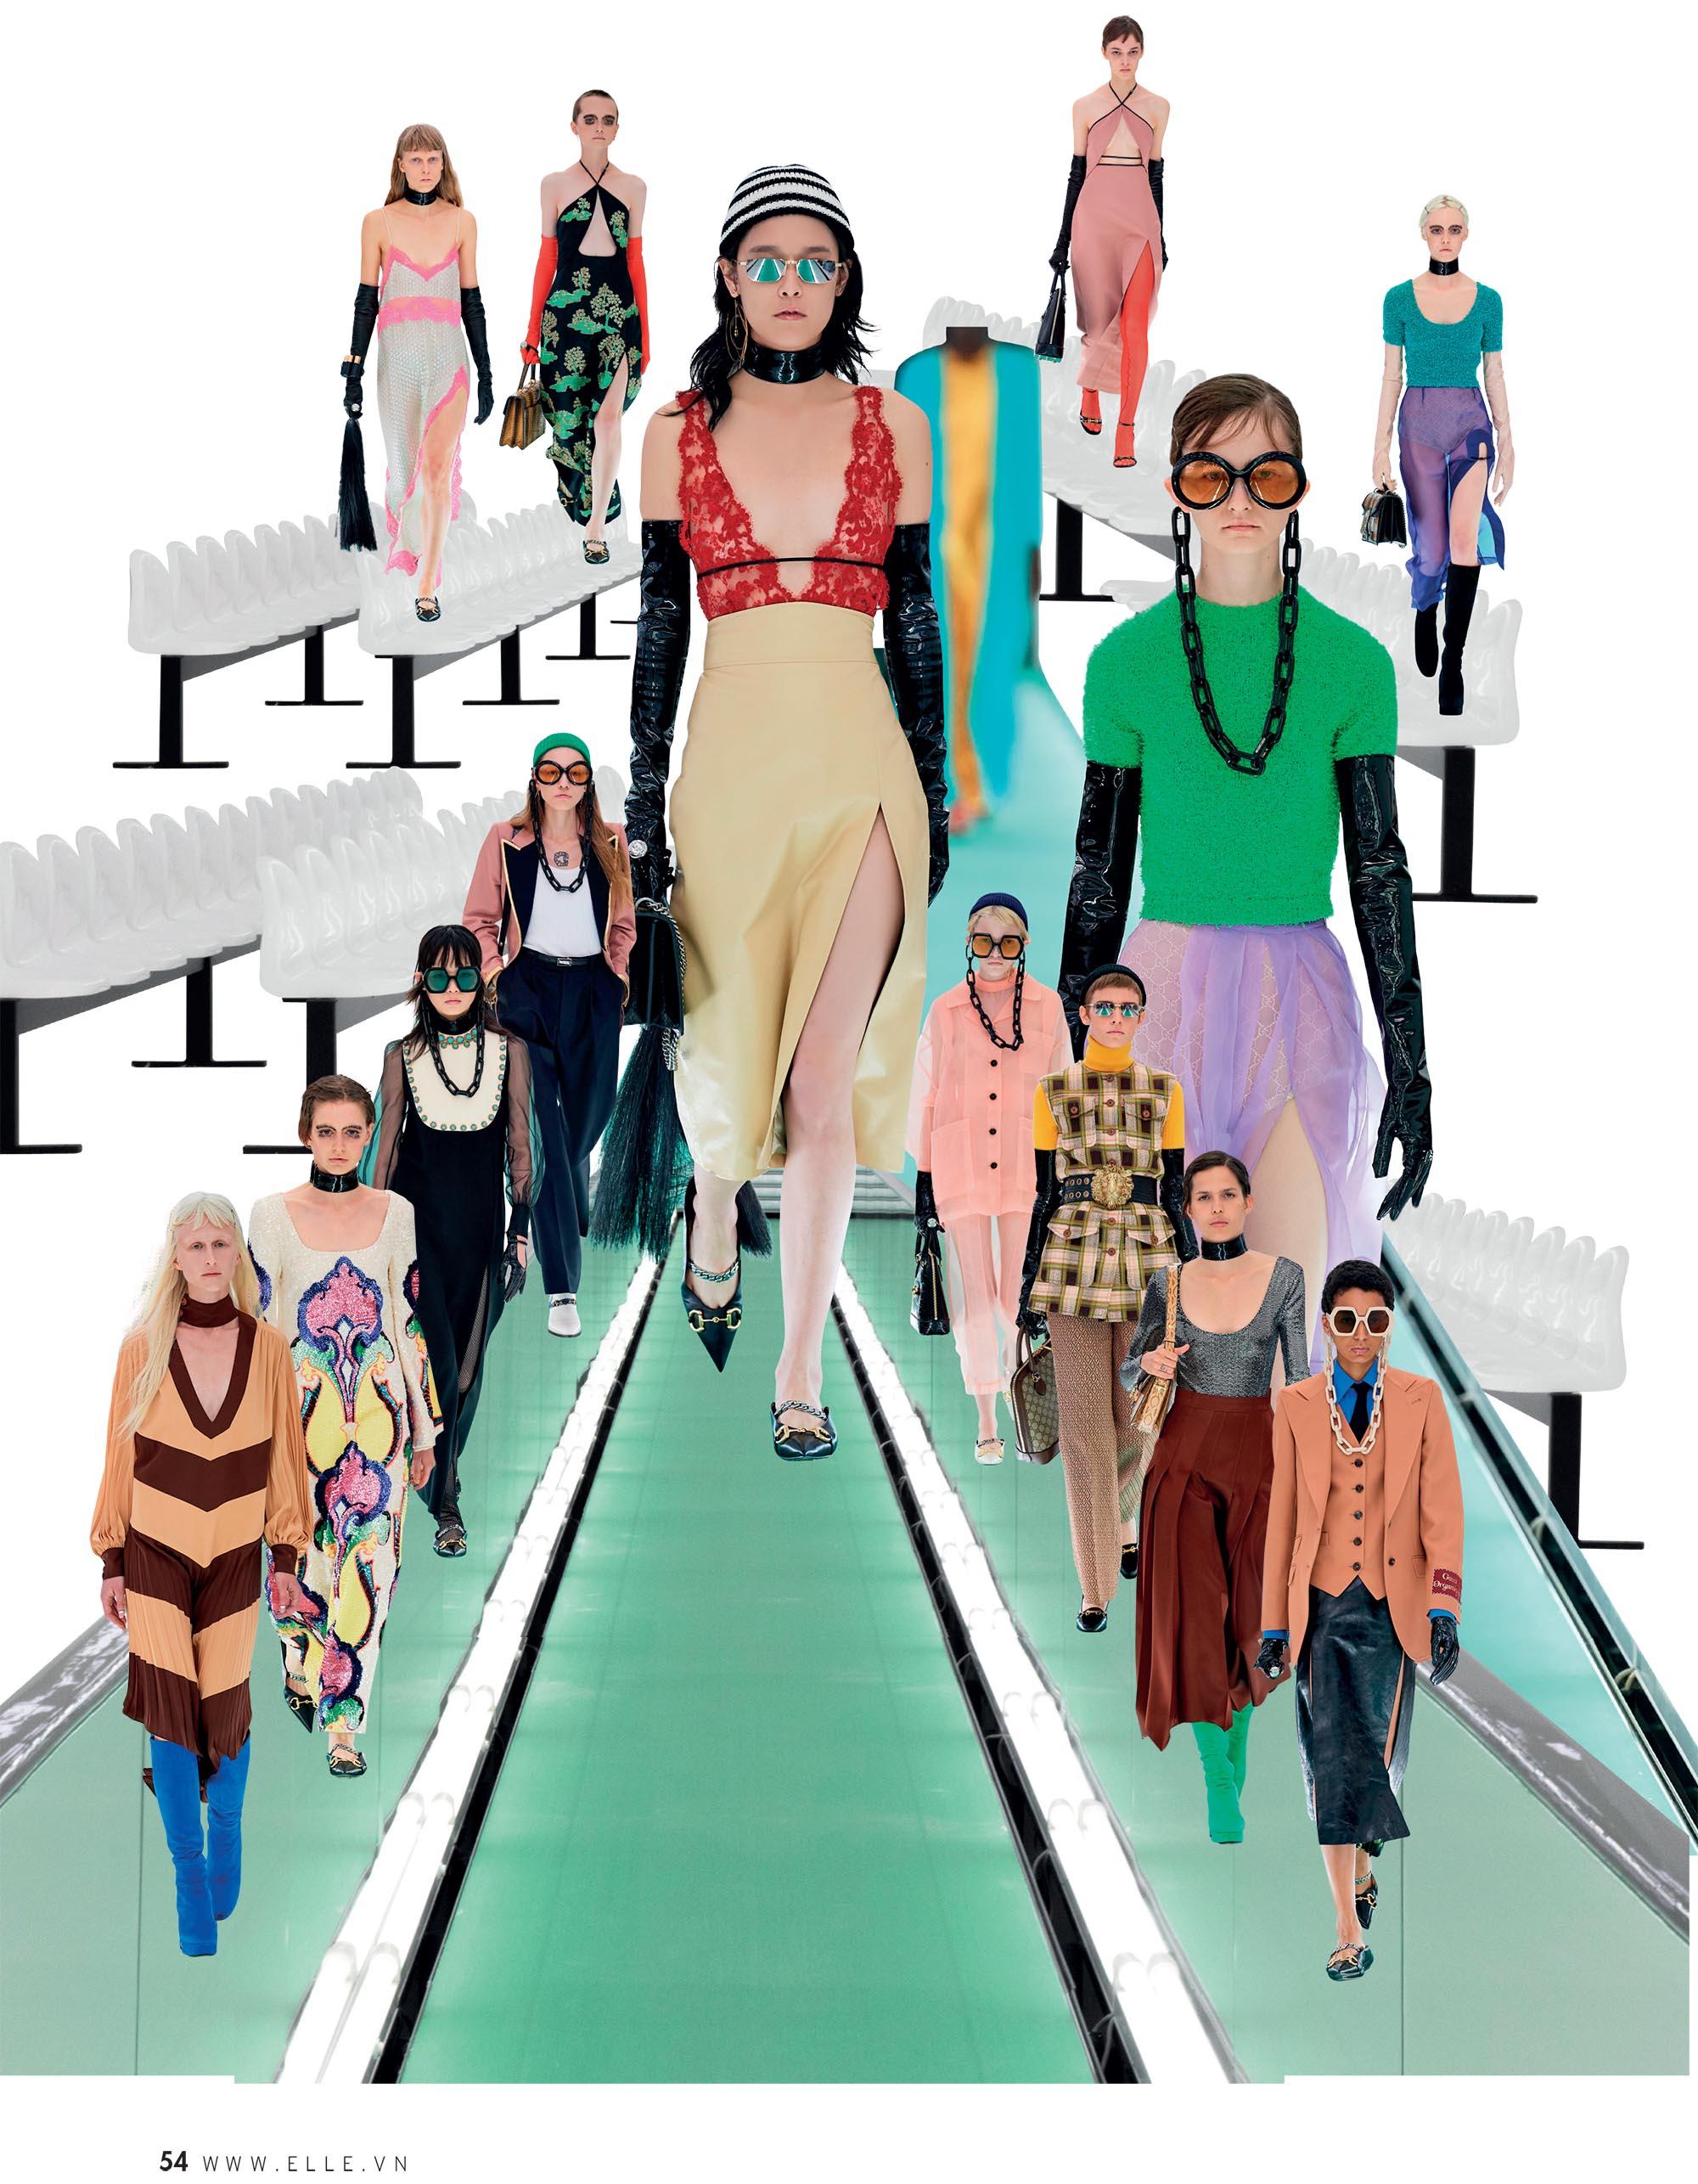 bst thời trang Xuân Hè 2020 Dolce Gucci